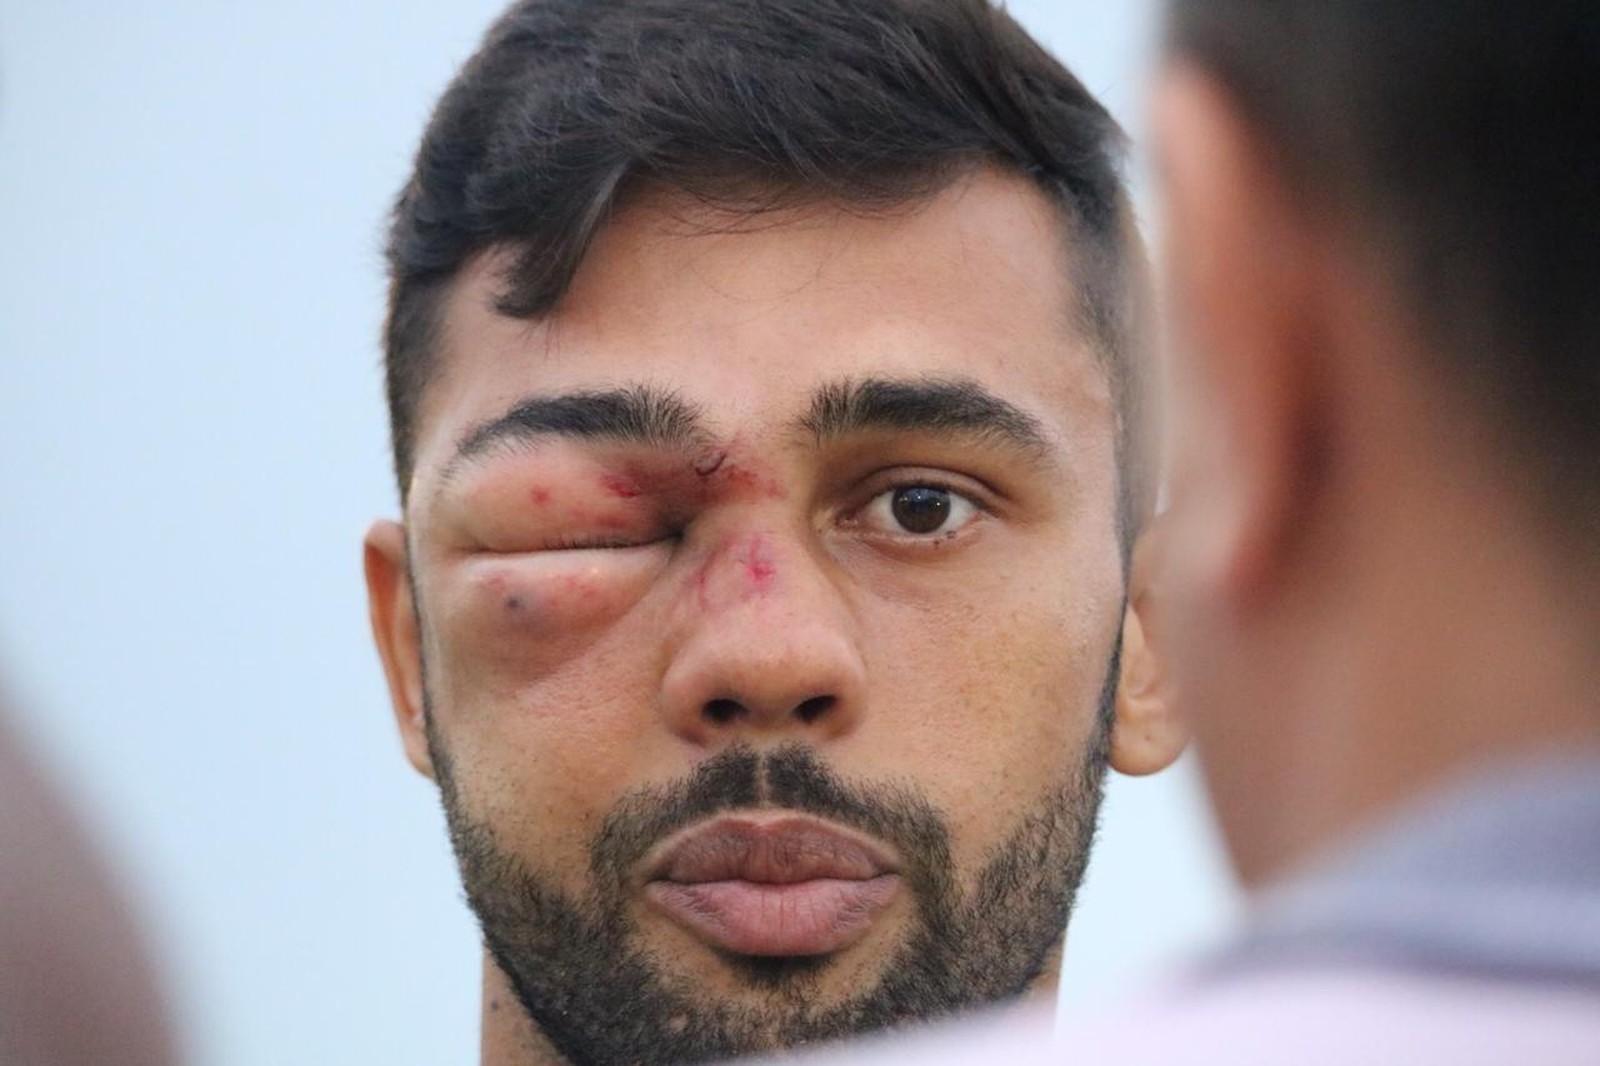 """Jogador leva chute em cheio no olho, desmaia e fica irreconhecível: """"Não lembro""""; veja"""